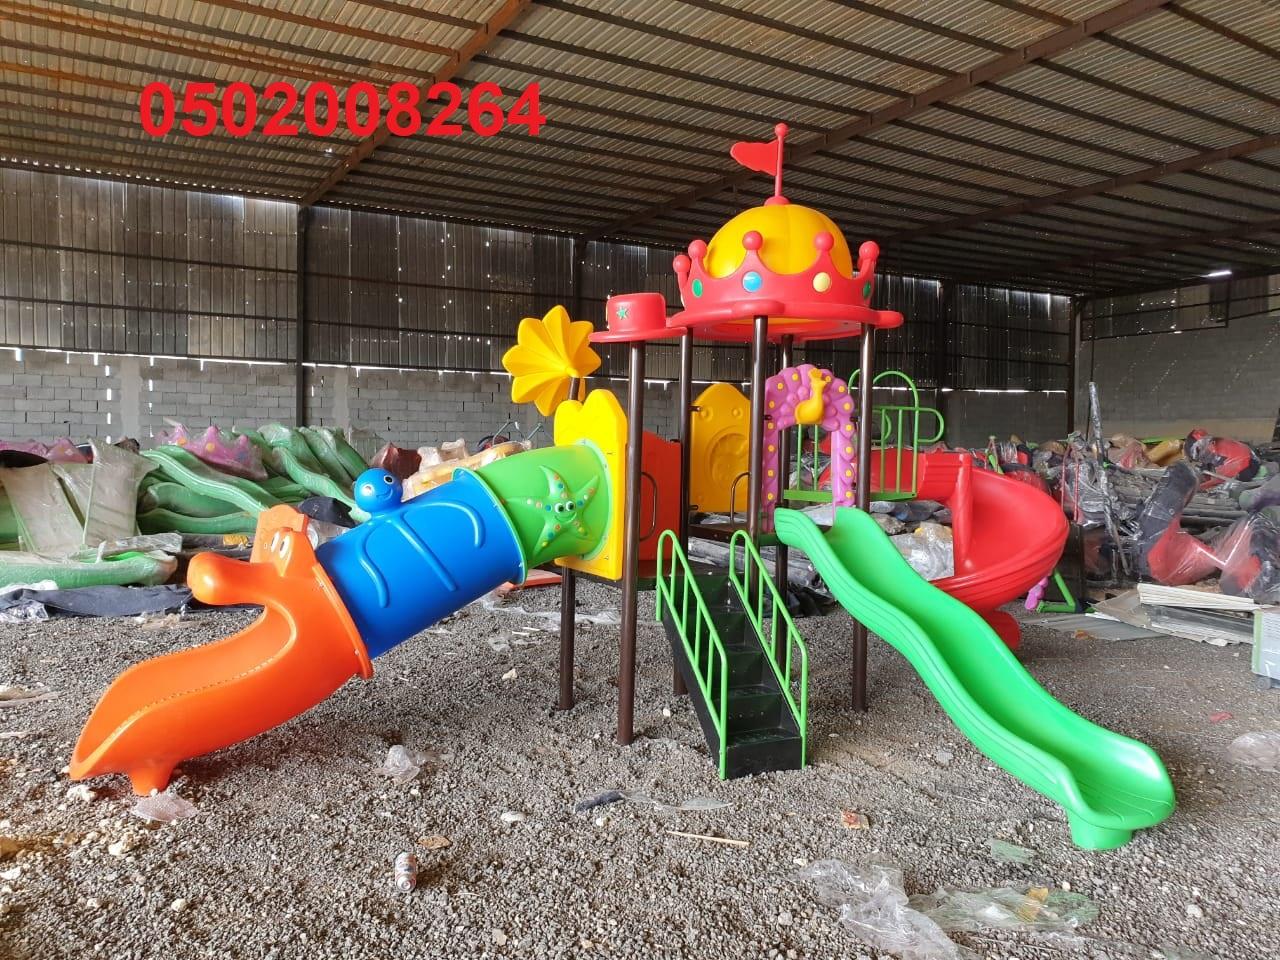 ألعاب مائيه وألعاب حدائق ملاهي مائية مراجيح 0502008264